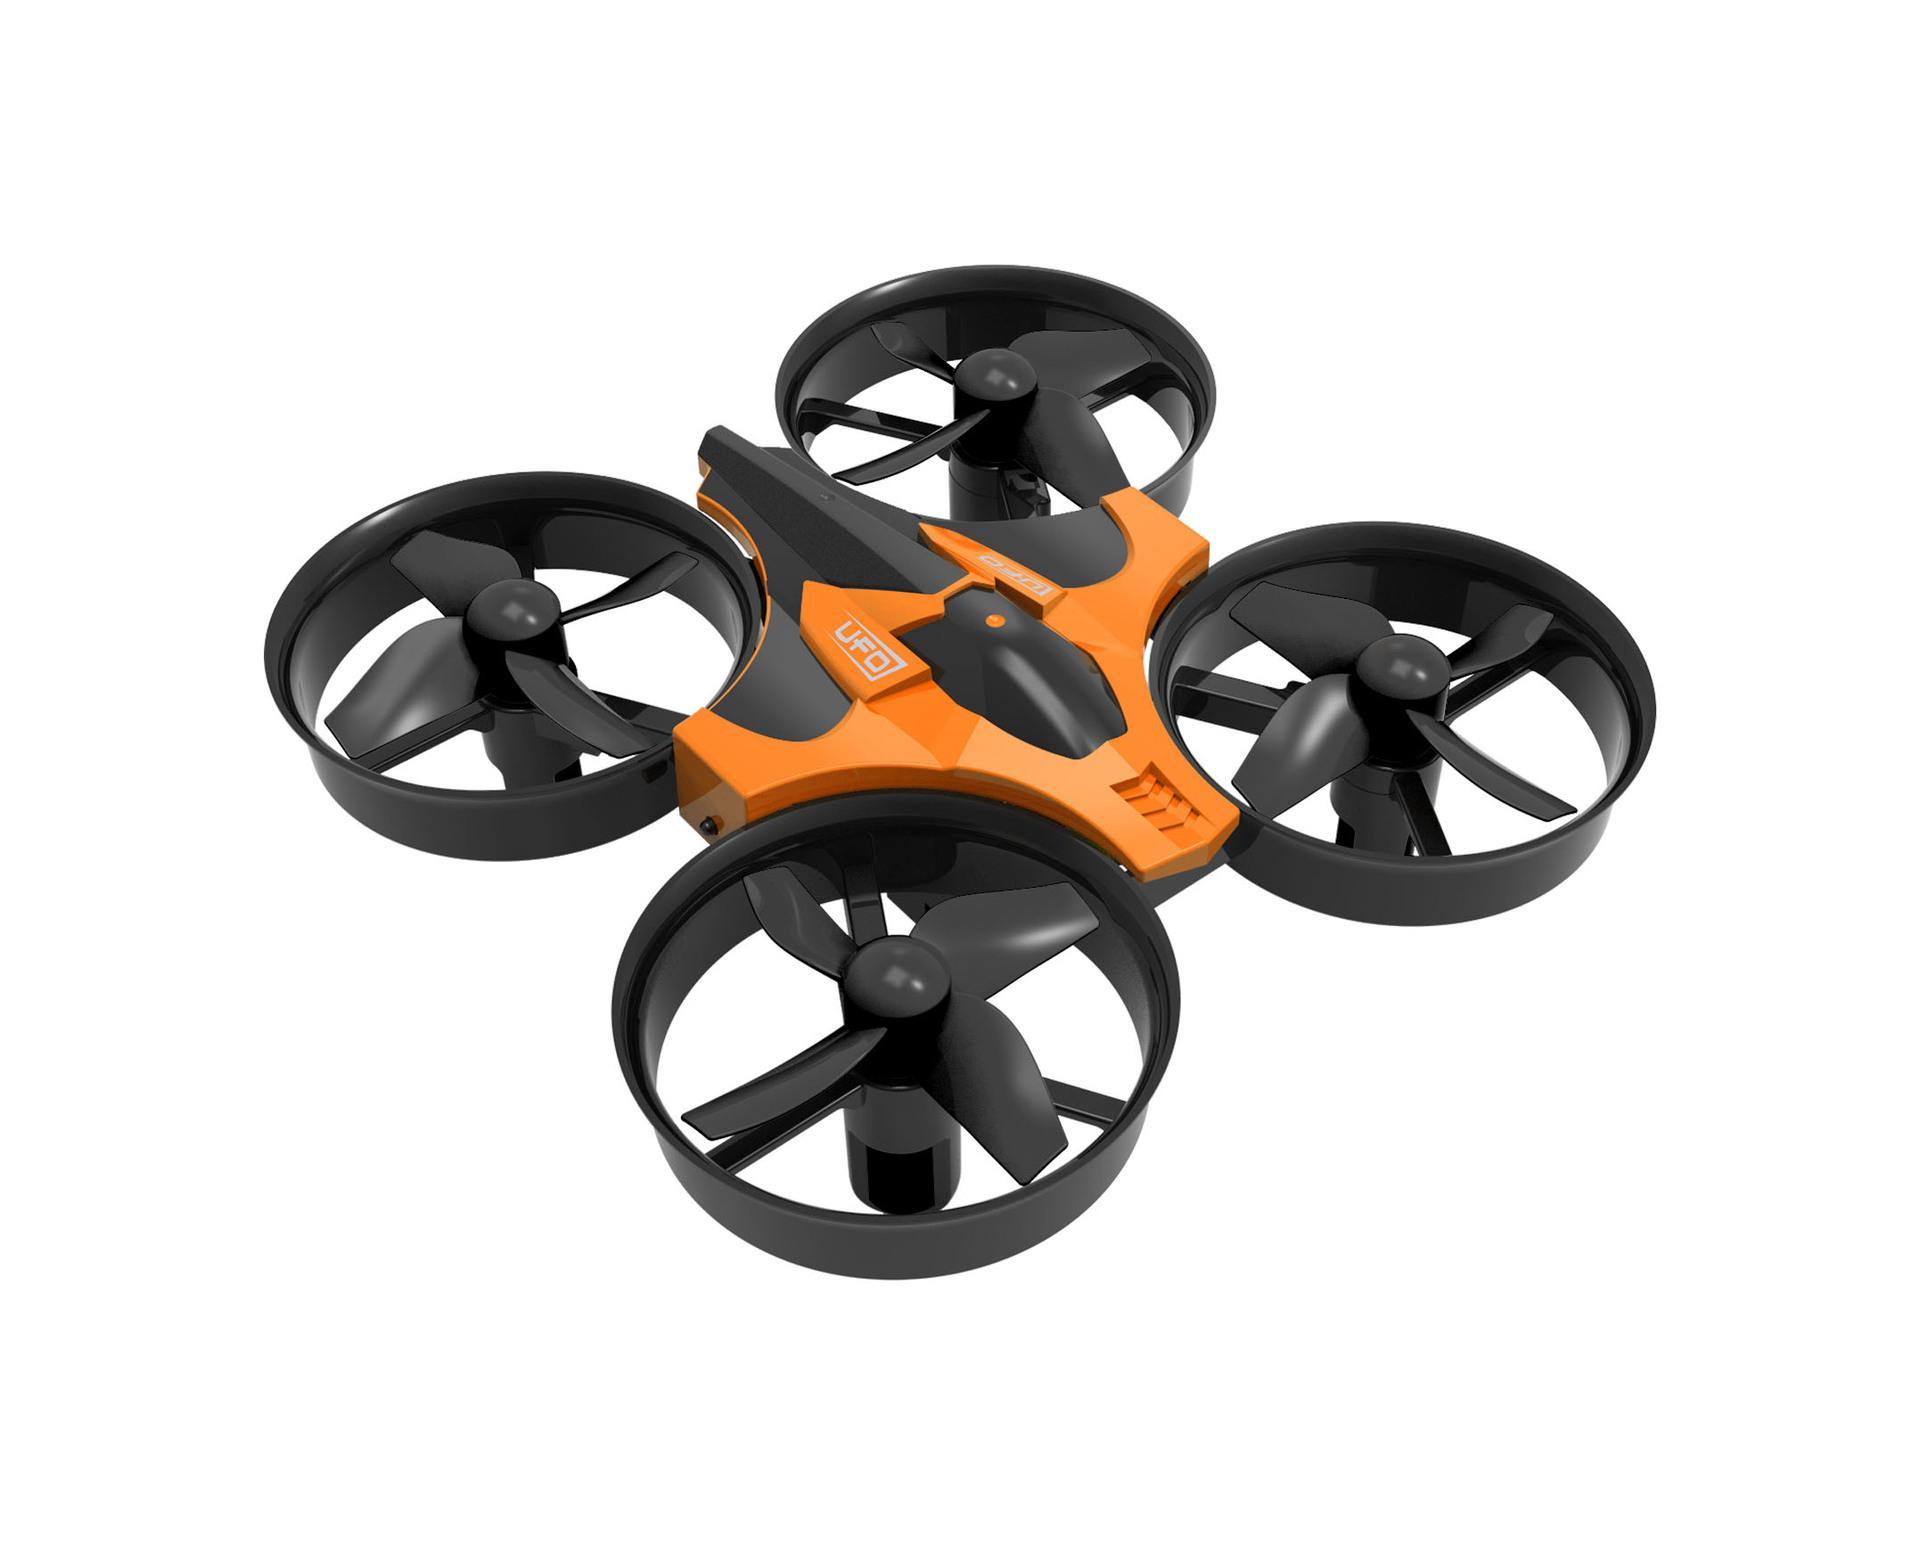 Hình ảnh Siêu Rẻ Siêu Đầm Máy bay điều khiển từ xa bay siêu đầm mini Drone RH807